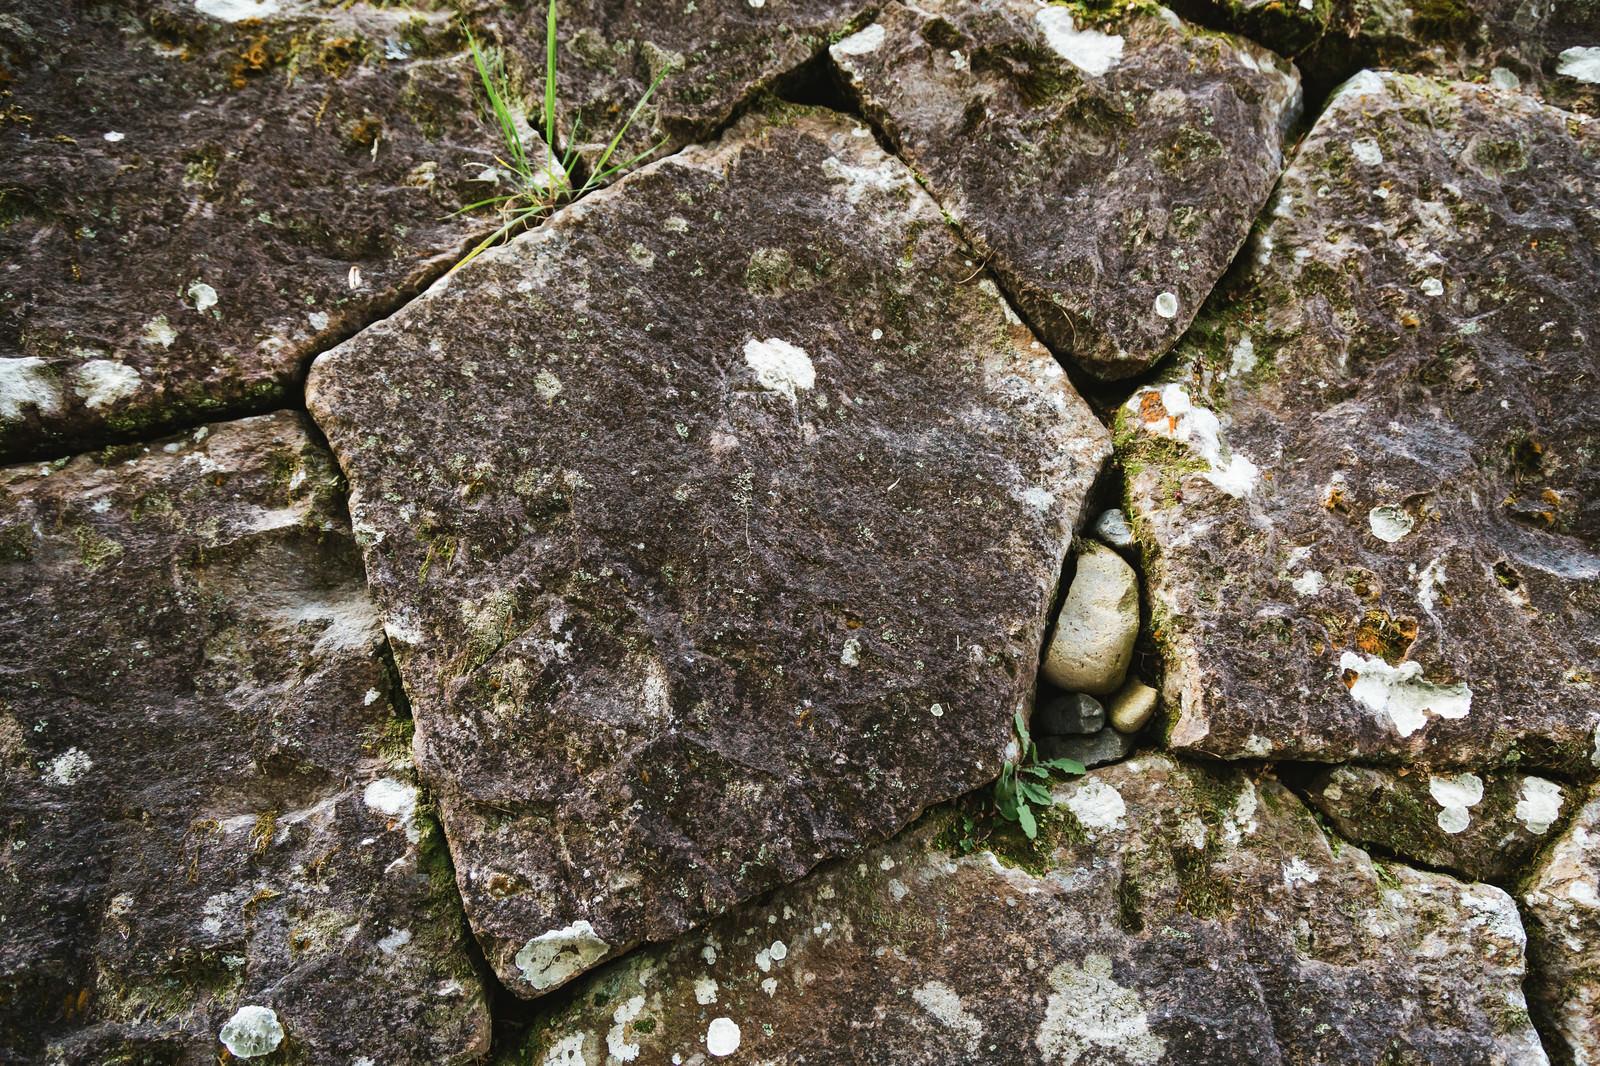 「十字の傷が隠されている飫肥石(石垣)」の写真